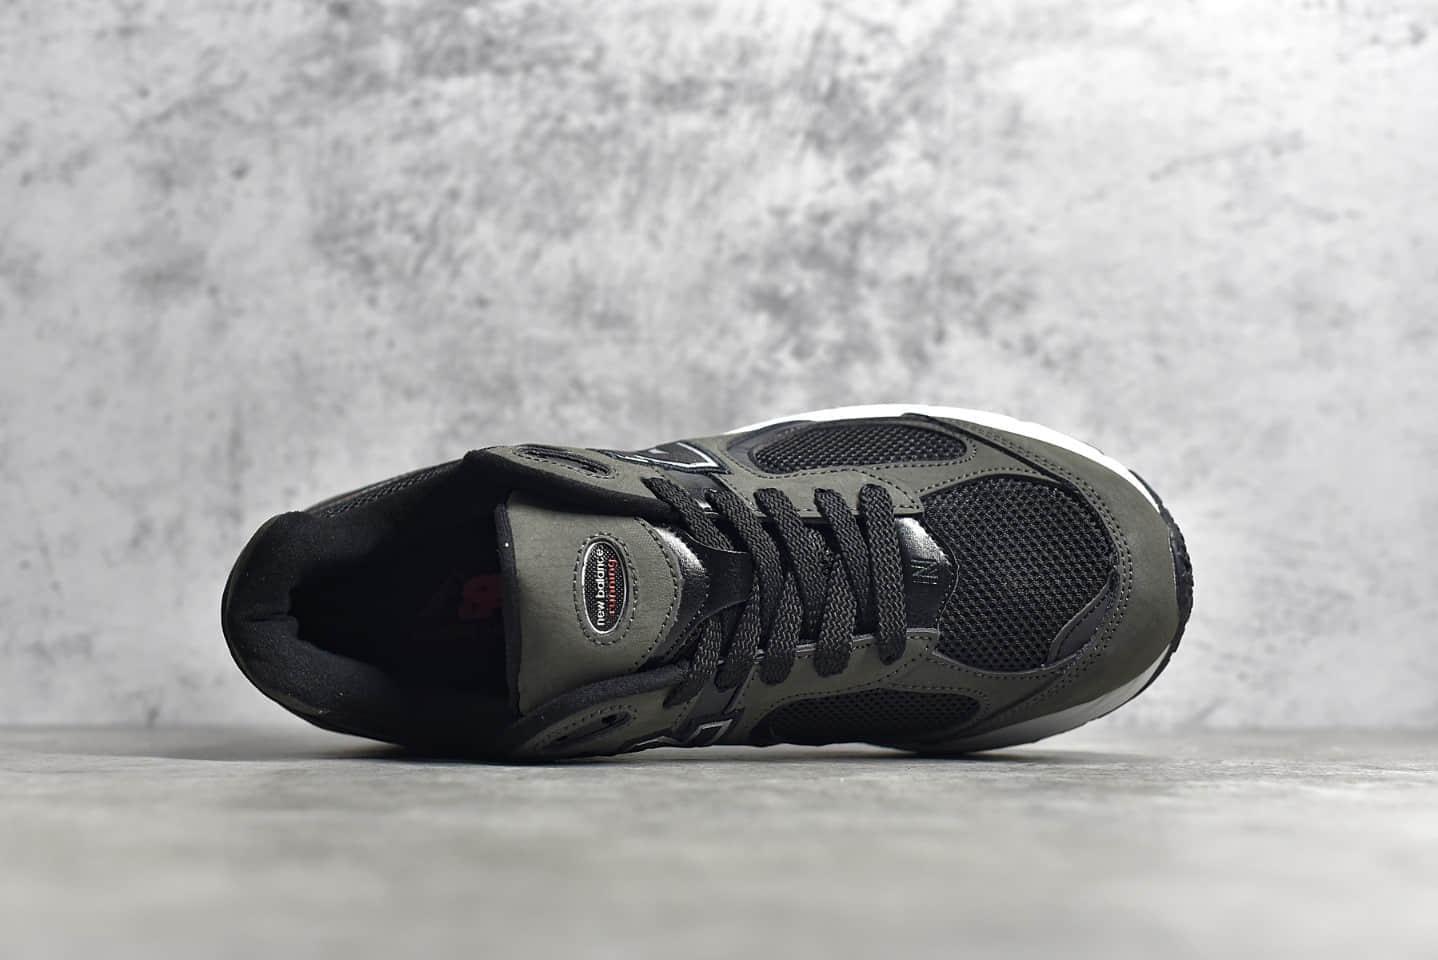 新百伦UN2.0灰黑色公司级 New Balance WL2002 复古休闲跑步鞋 货号:ML2002RB-潮流者之家